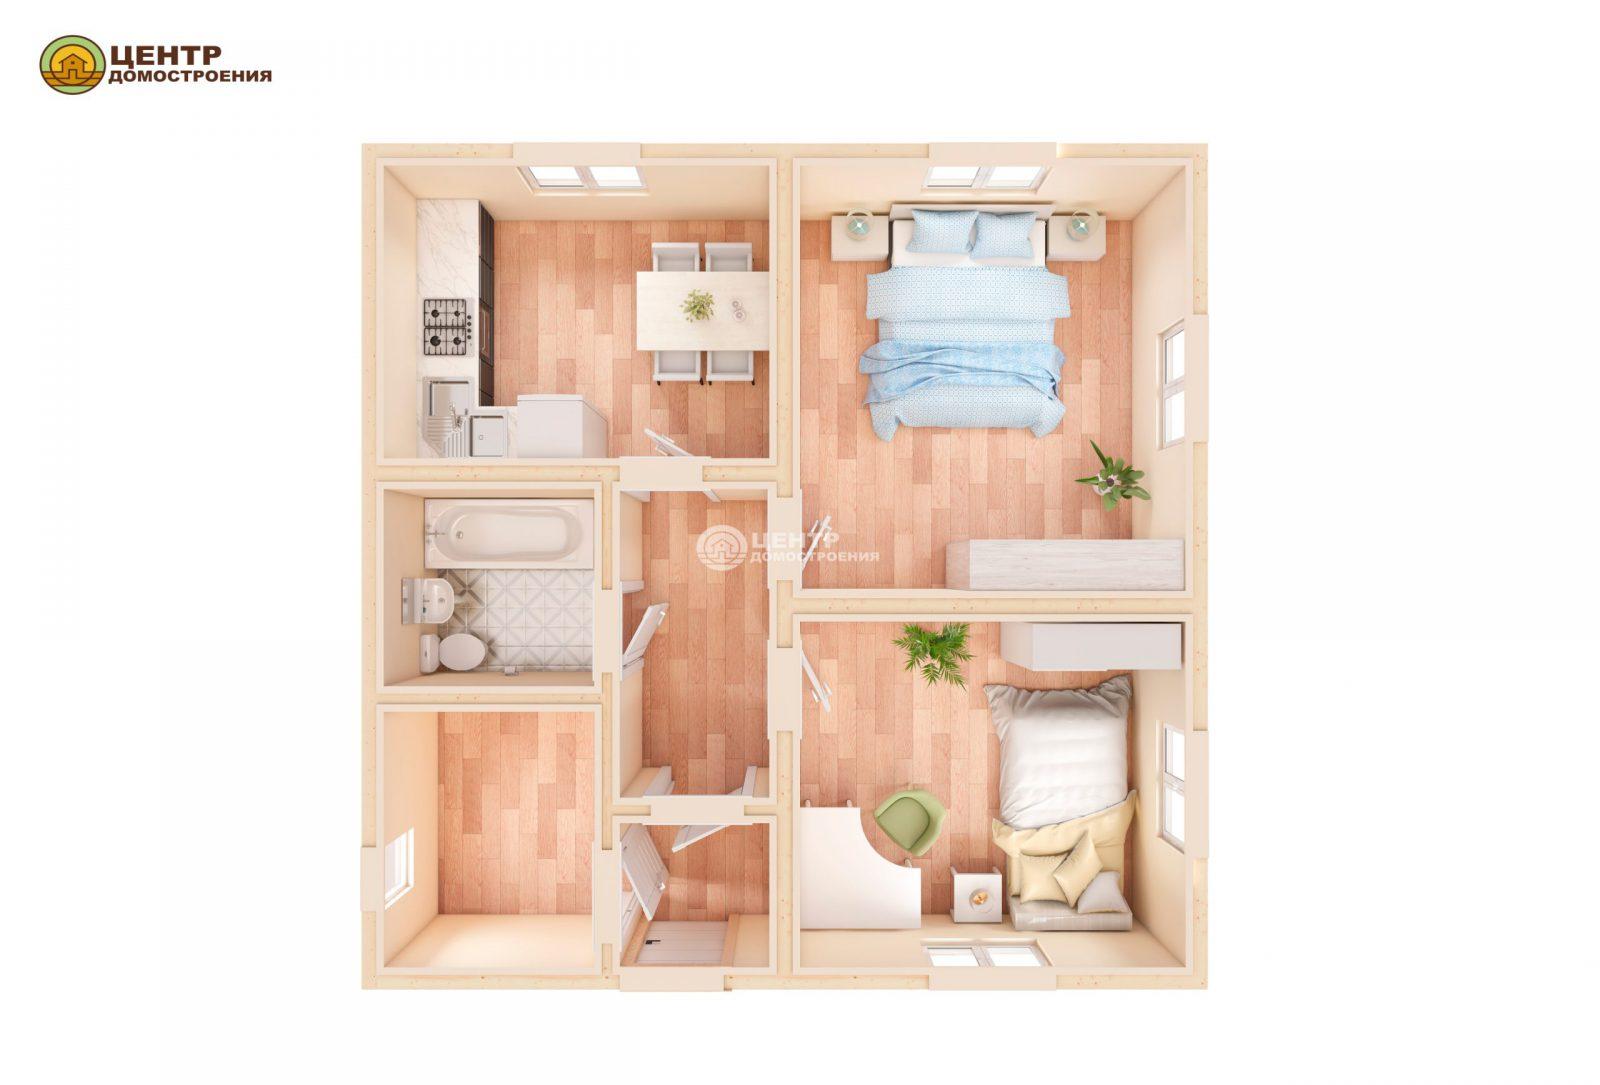 Проект дома 8 на 8 одноэтажный